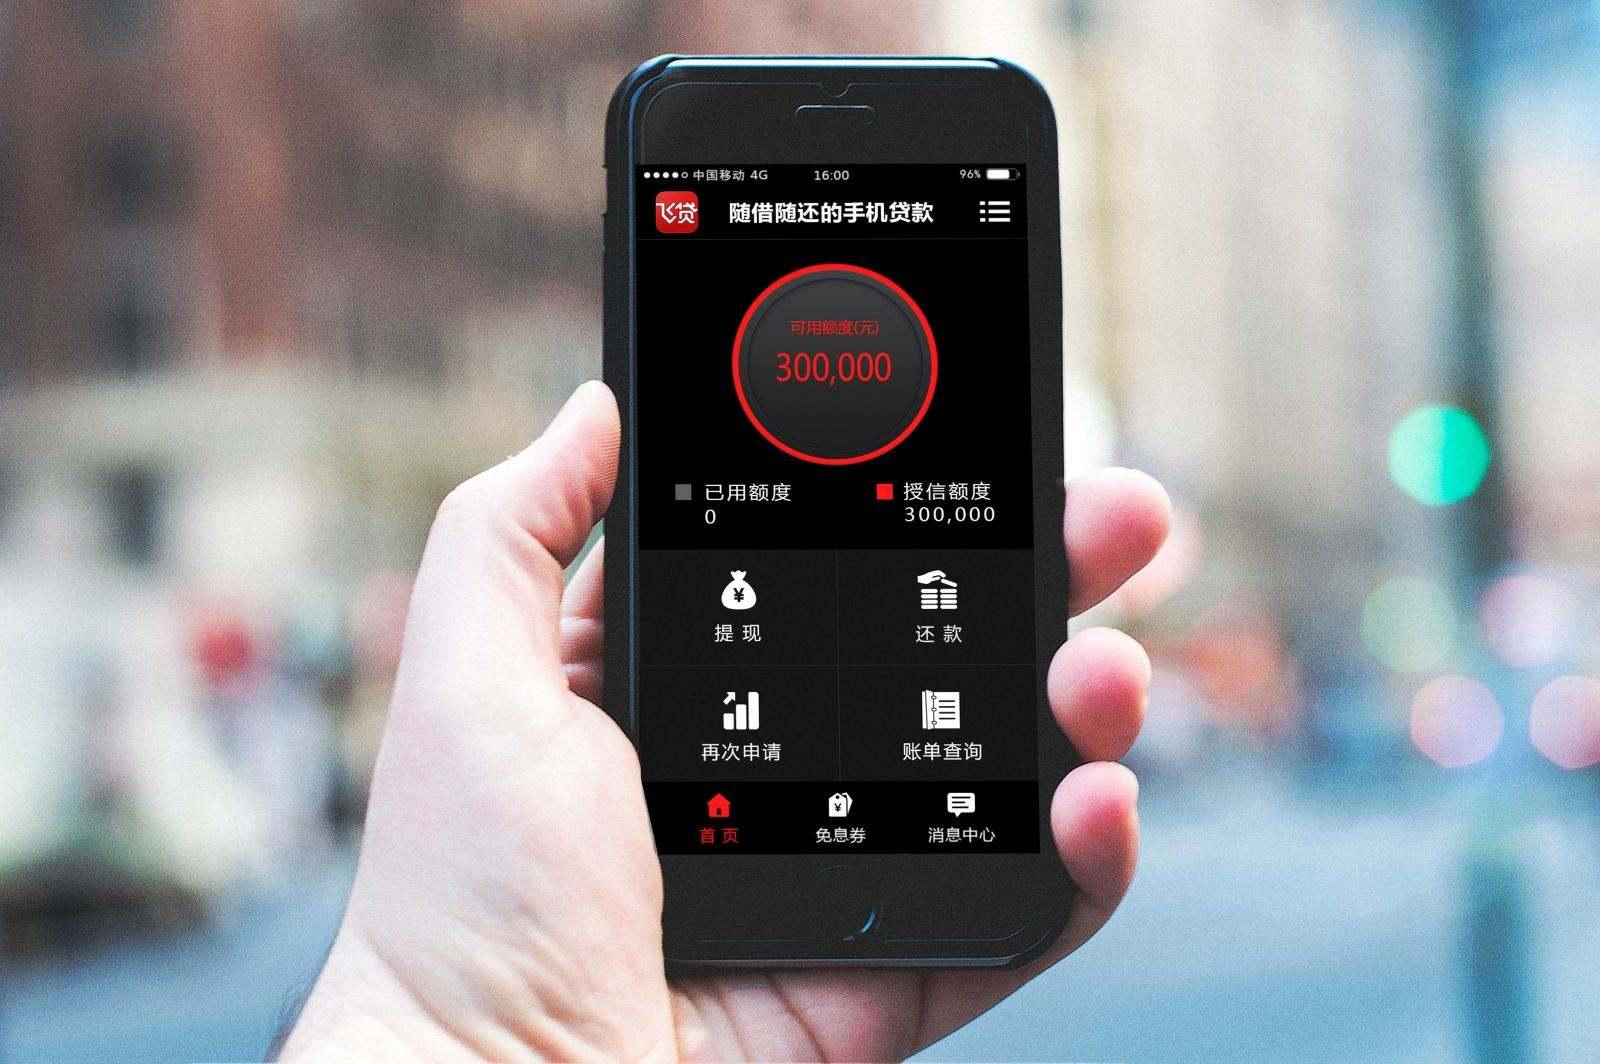 手机APP过度索取权限何时休 背后是经济利益驱动